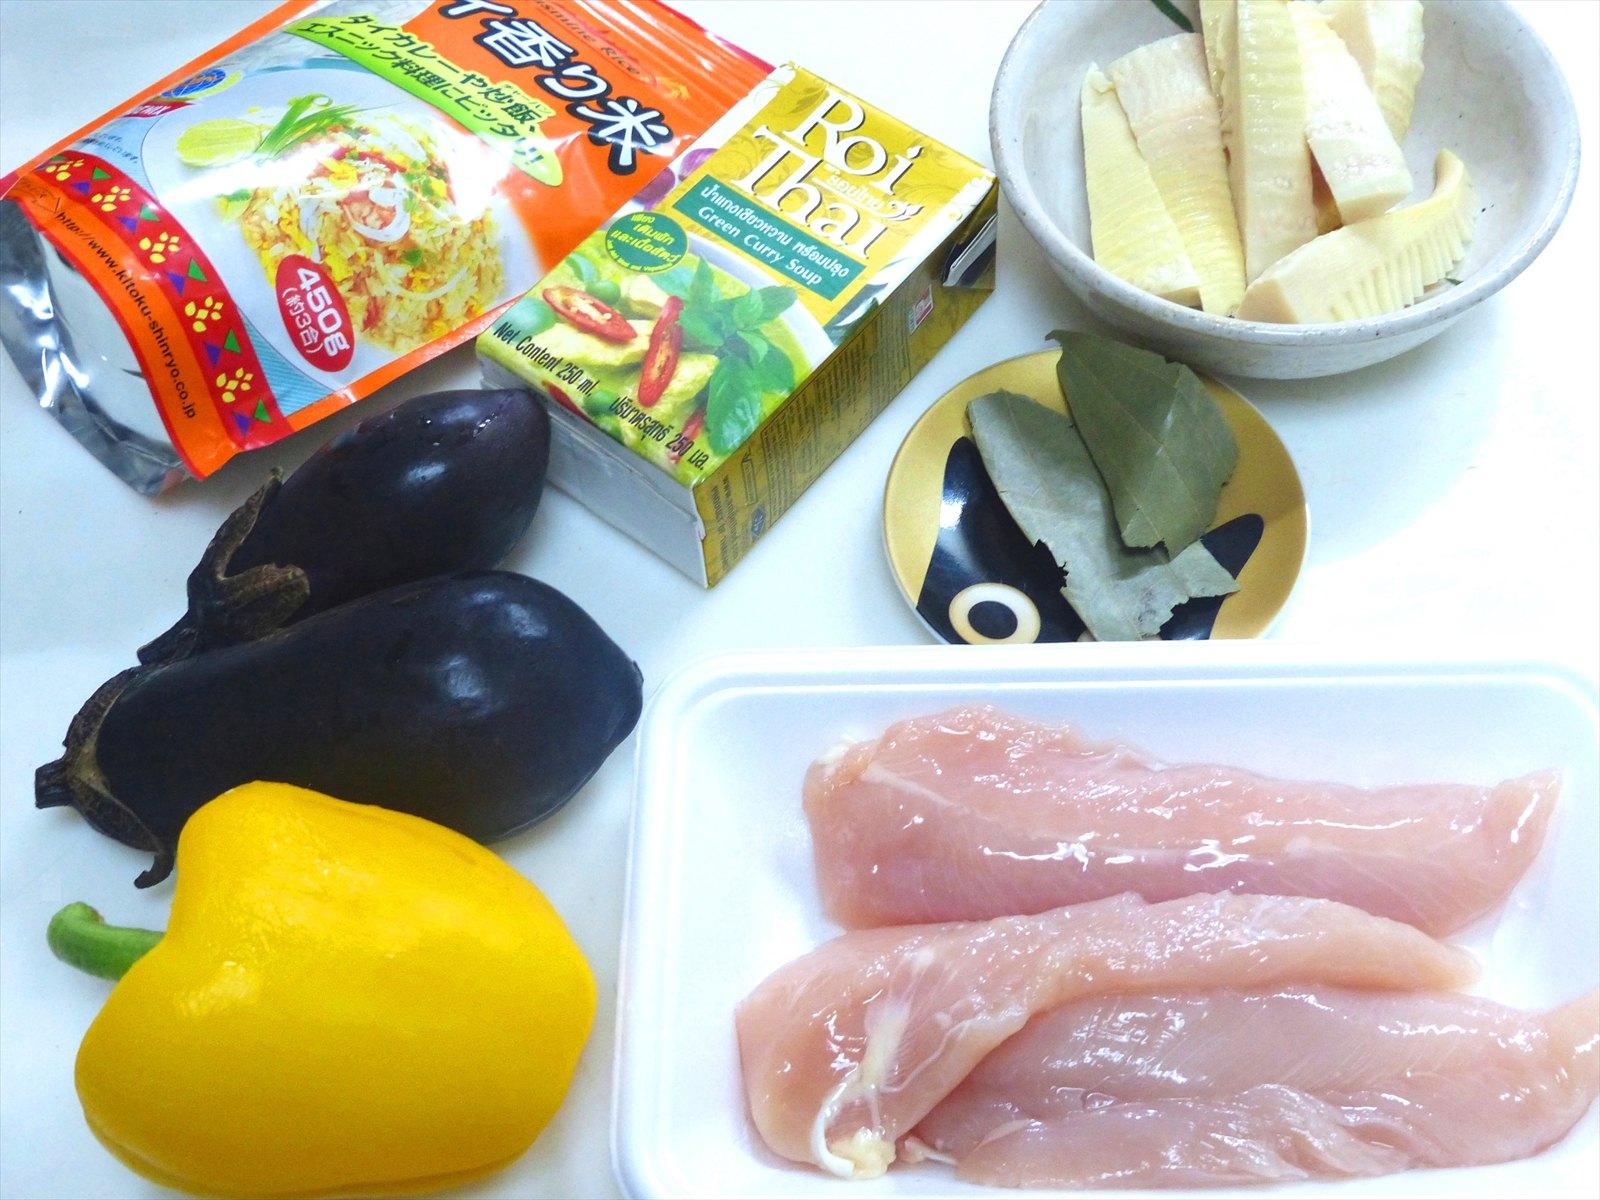 具材も日本人の好みに合わせた物に変更されています。タイの食材だと手に入らないからですかね。